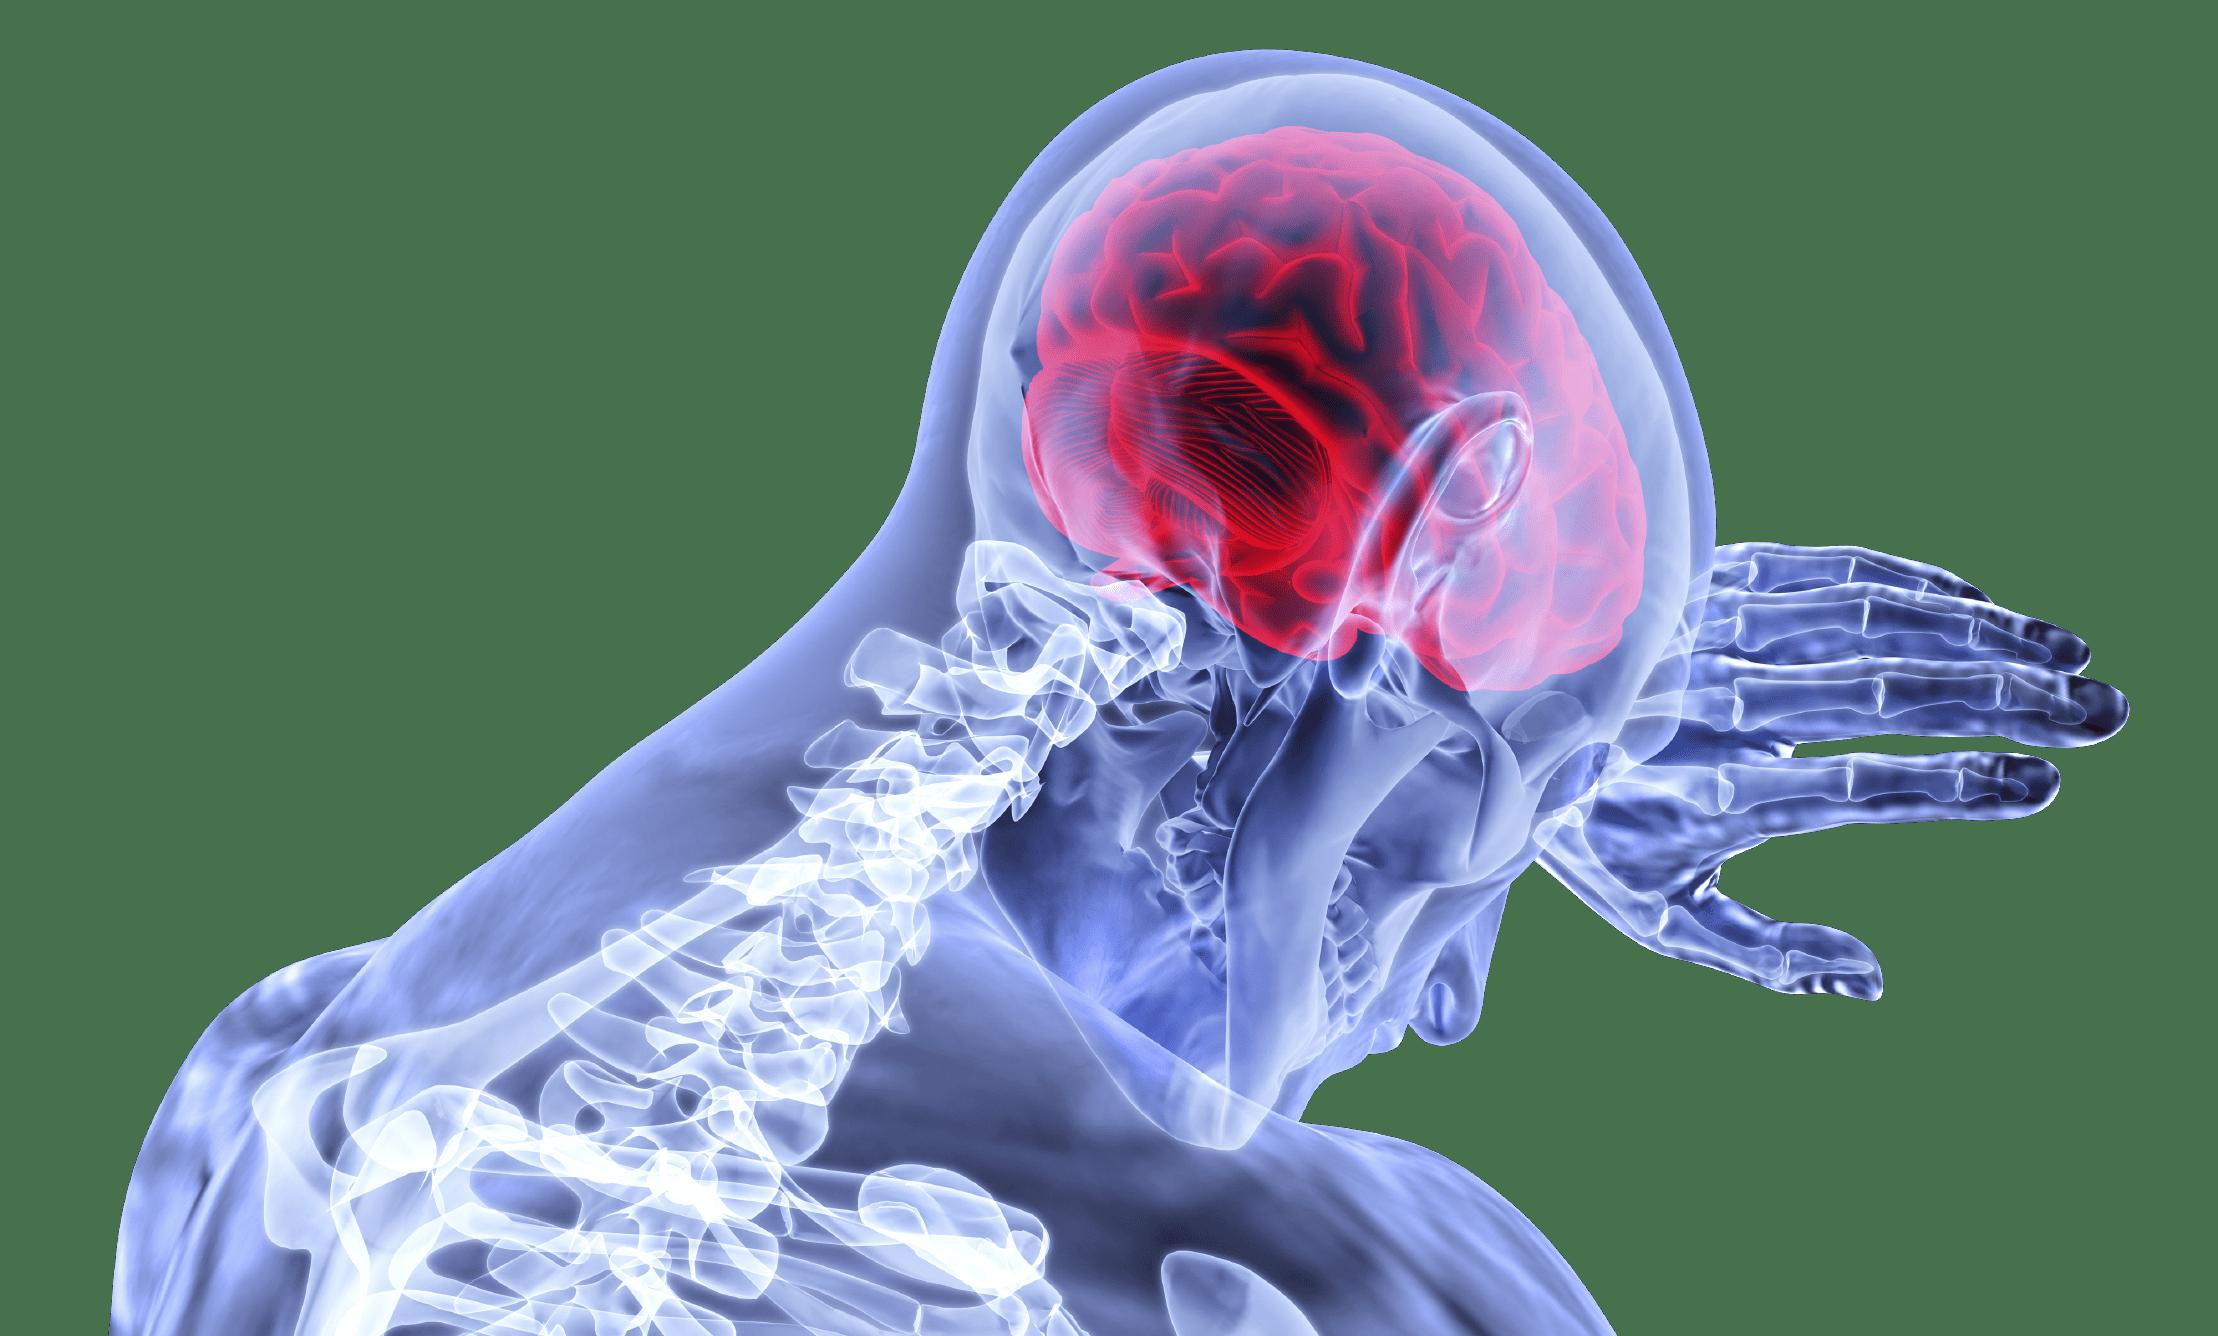 慧恩达健联动中国科学院,研发推出奇酶SOD守护神经中枢